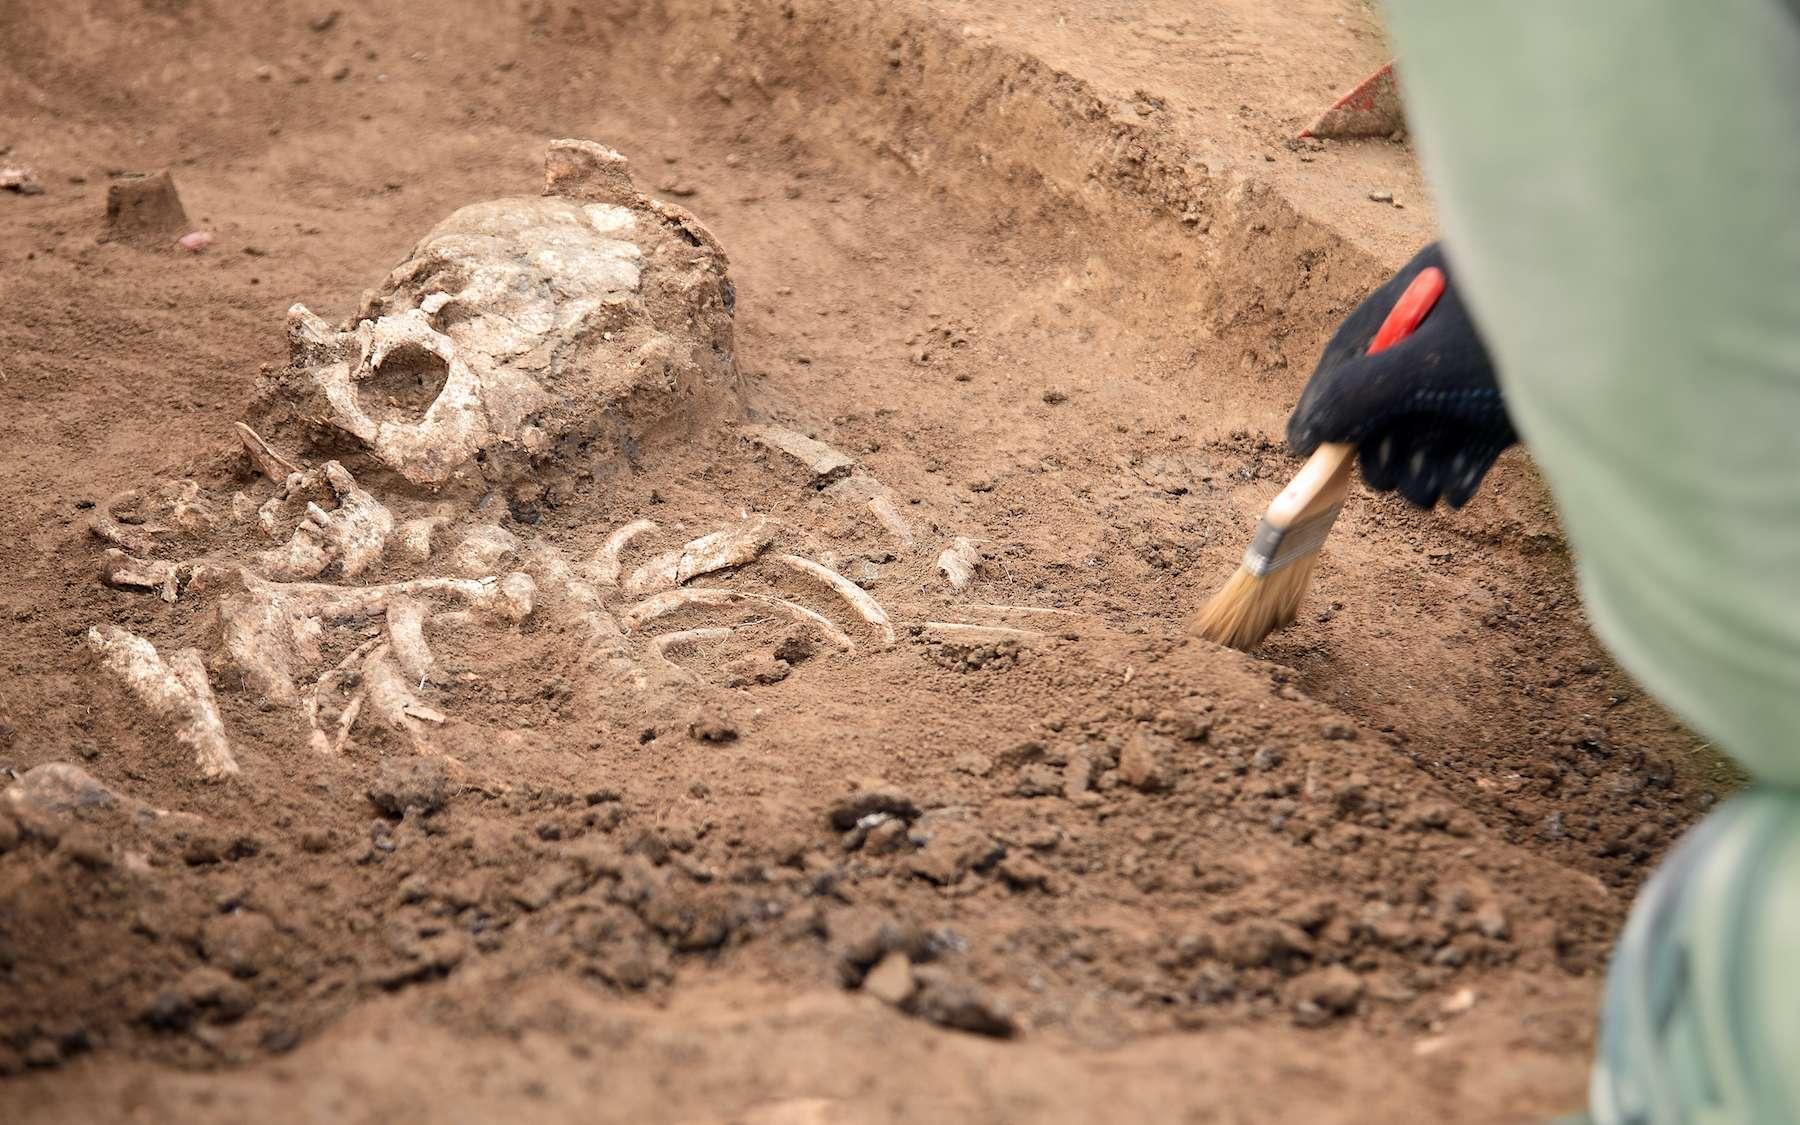 L'archéologie étudie la culture humaine passée grâce à des objets découverts sur le terrain. © Elena, Adobe Stock